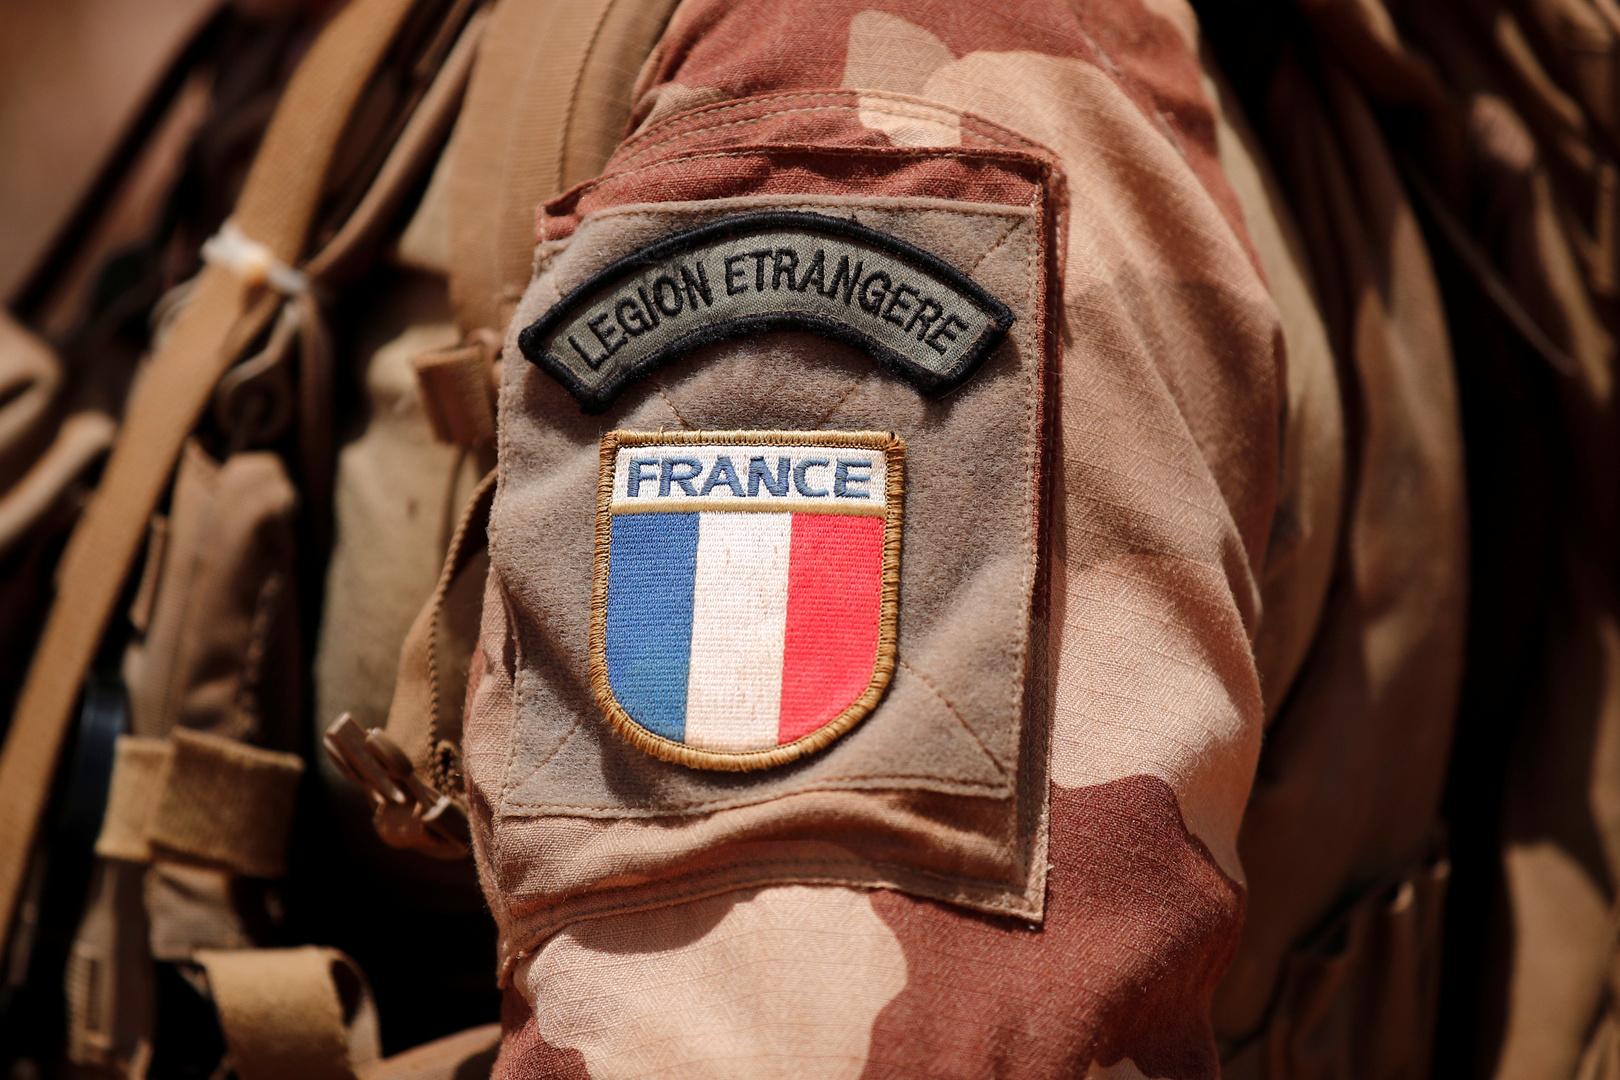 الأمم المتحدة: ضربة جوية فرنسية قتلت 19 مدنيا في مالي